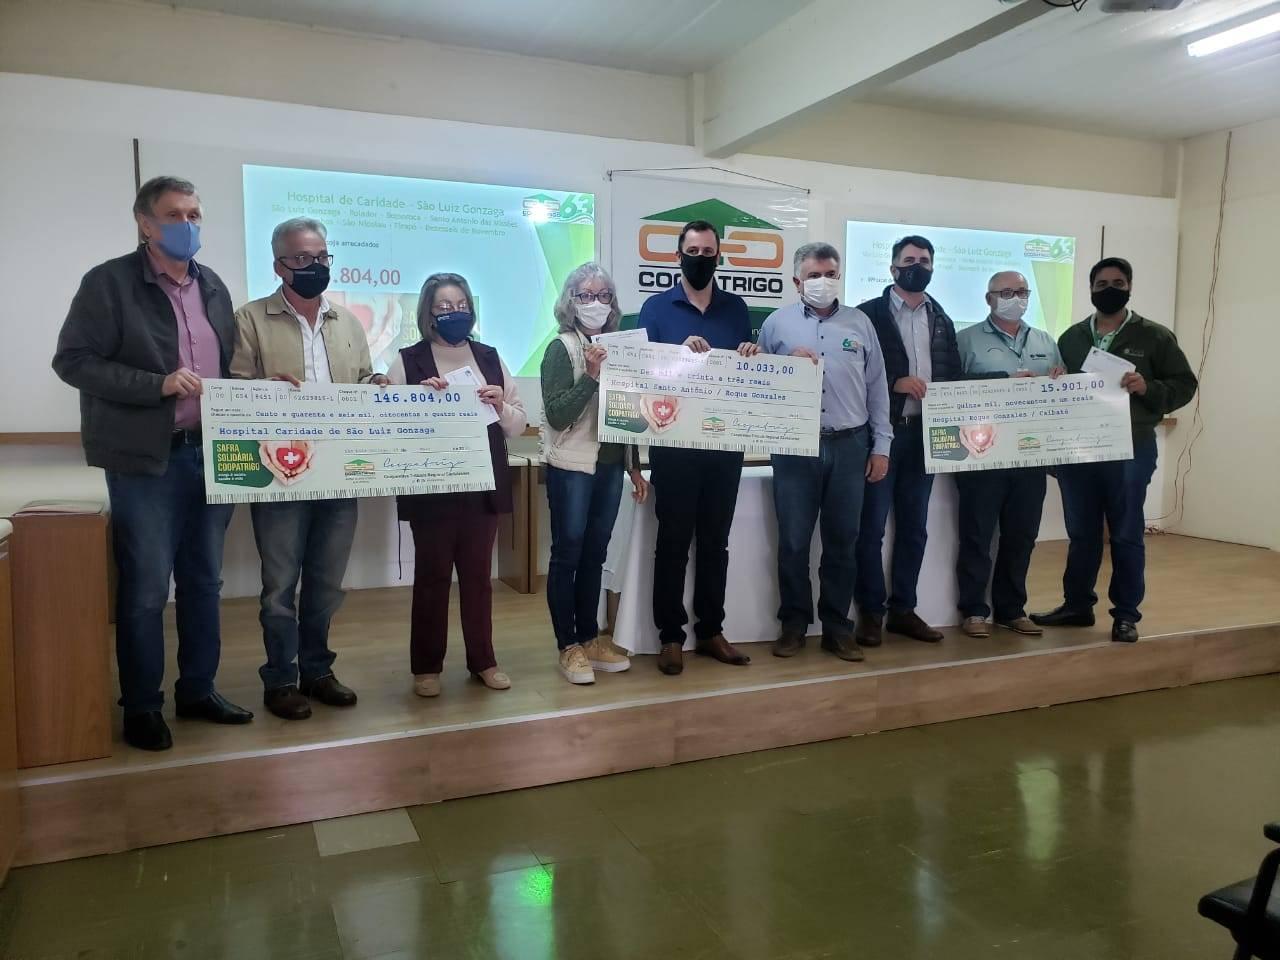 Campanha Safra Solidária da Coopatrigo arrecada mais de R$ 172 mil para hospitais da região